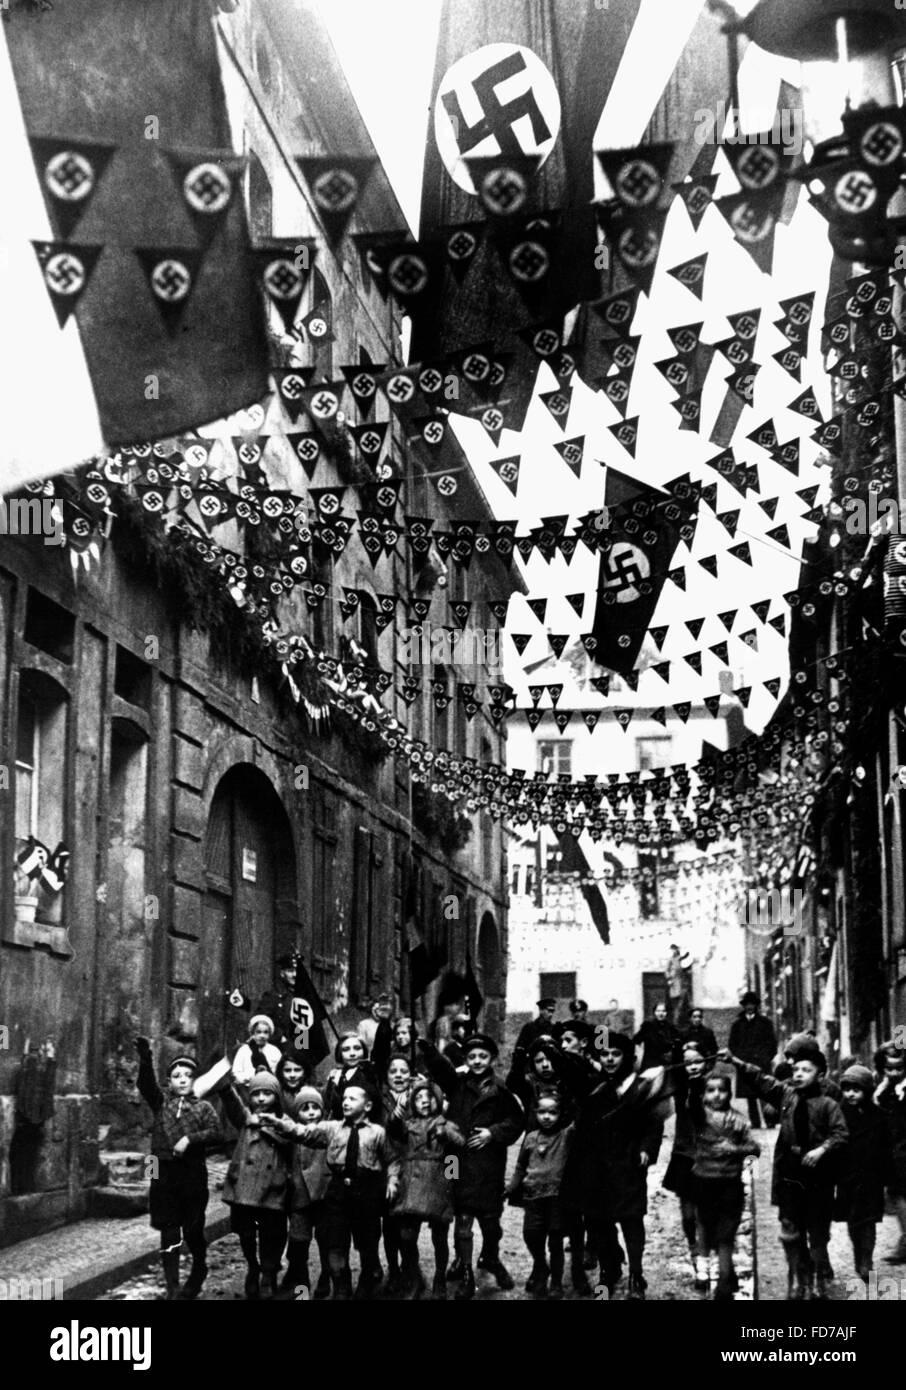 Street adornata con bandiere con la svastica Immagini Stock